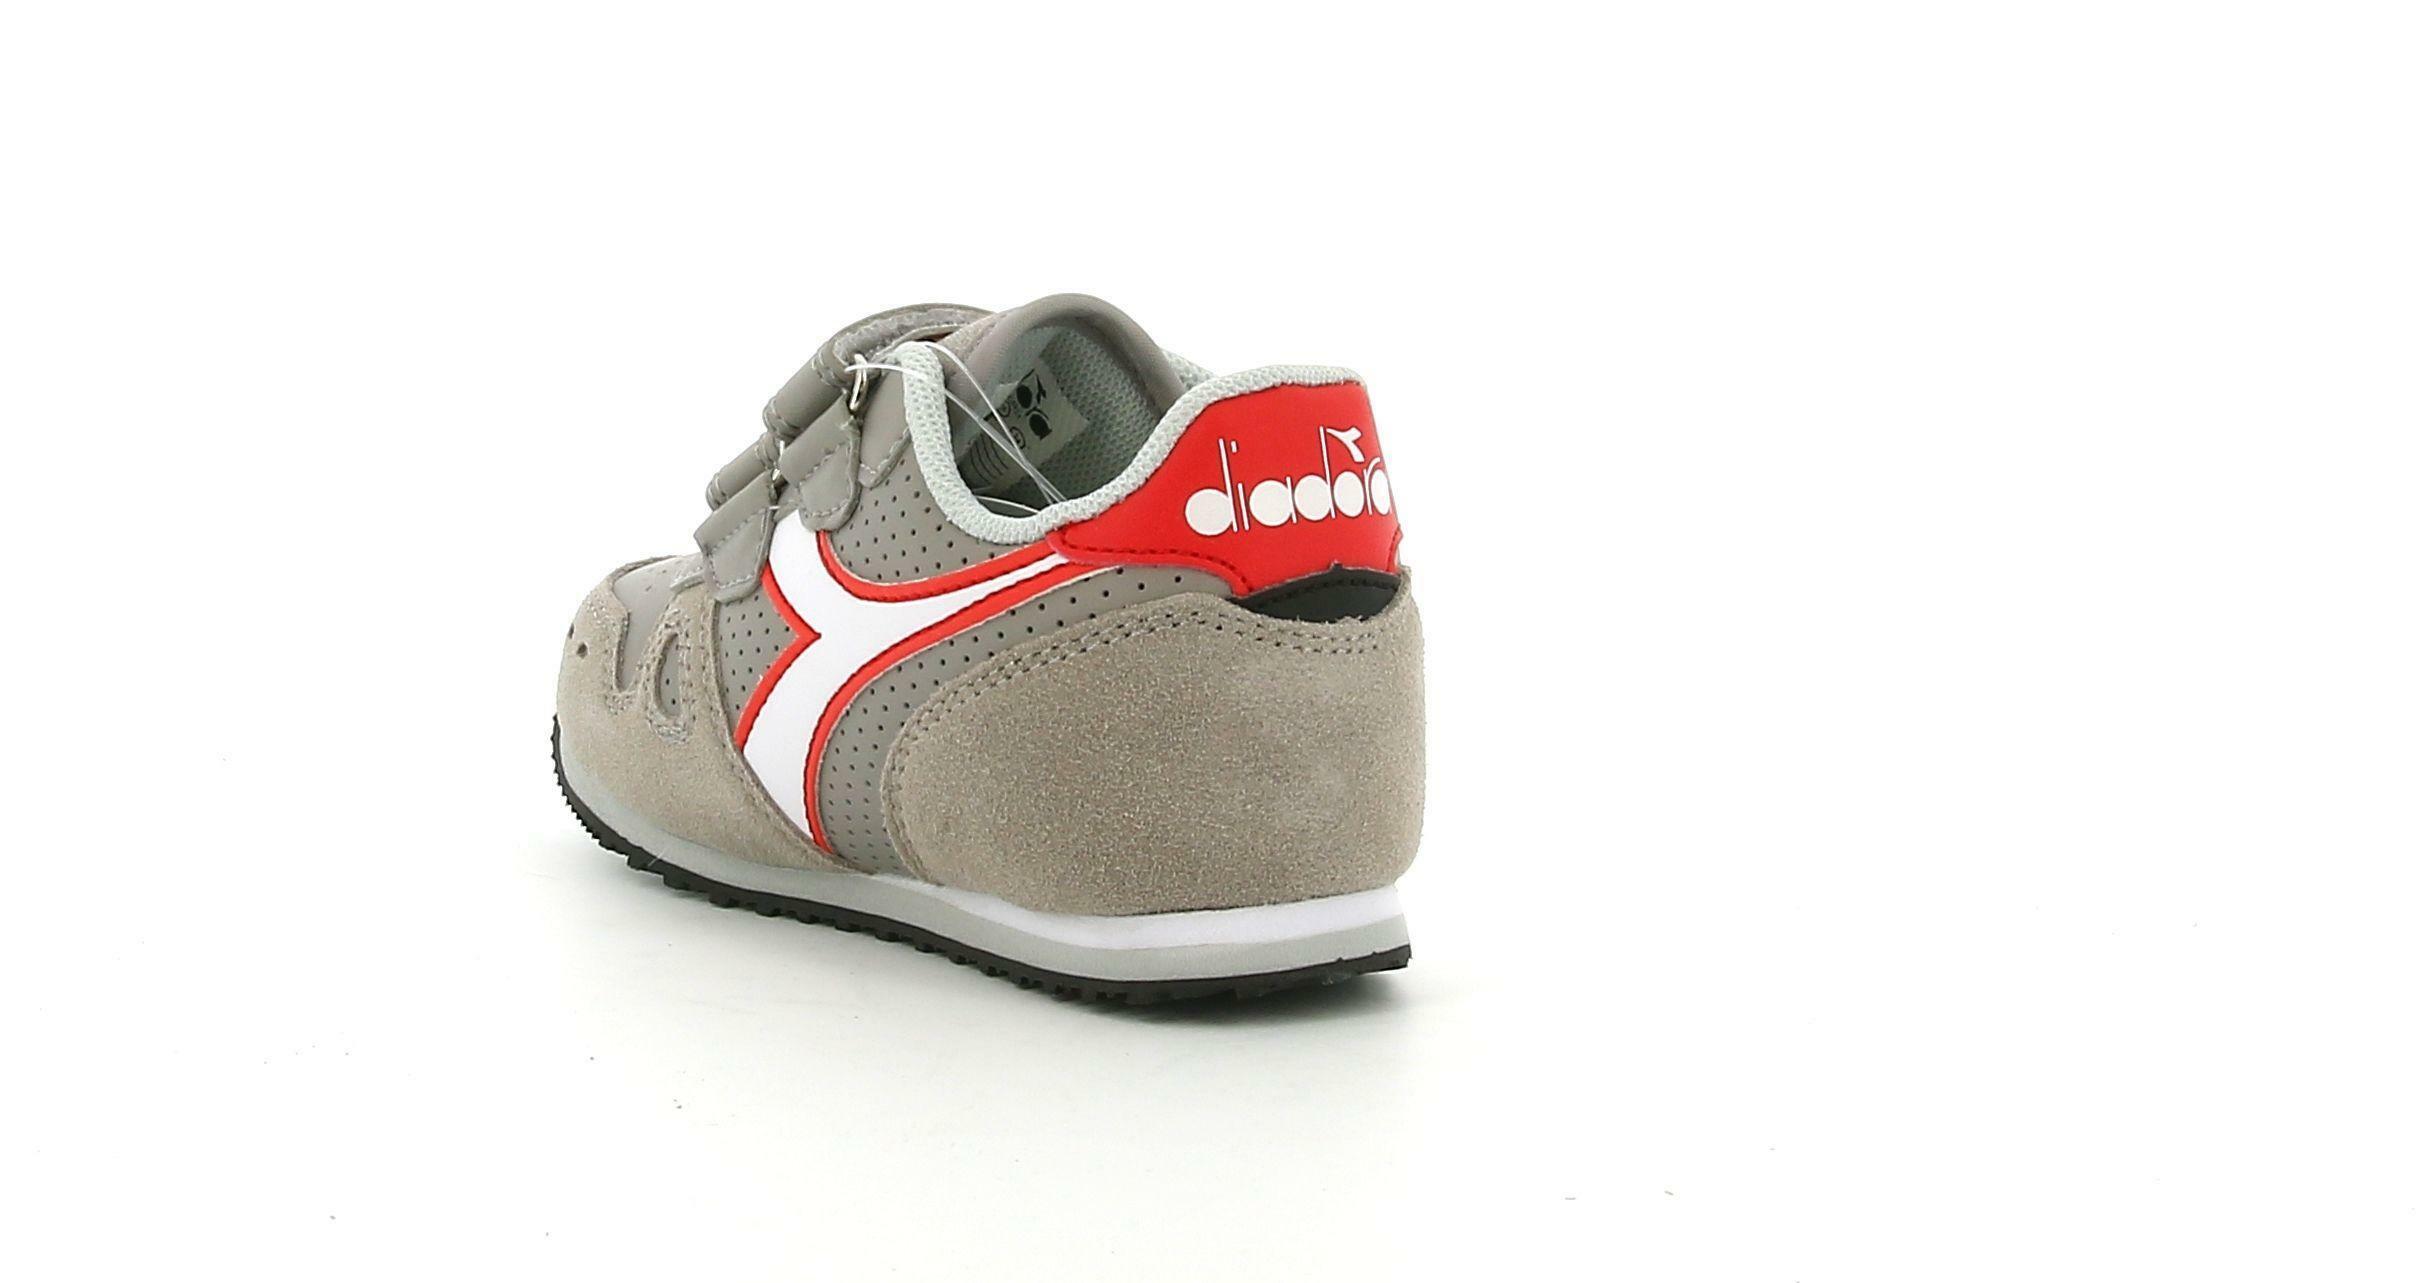 diadora diadora simple run up td 175082 pulviscolo/bianco sneakers bambino